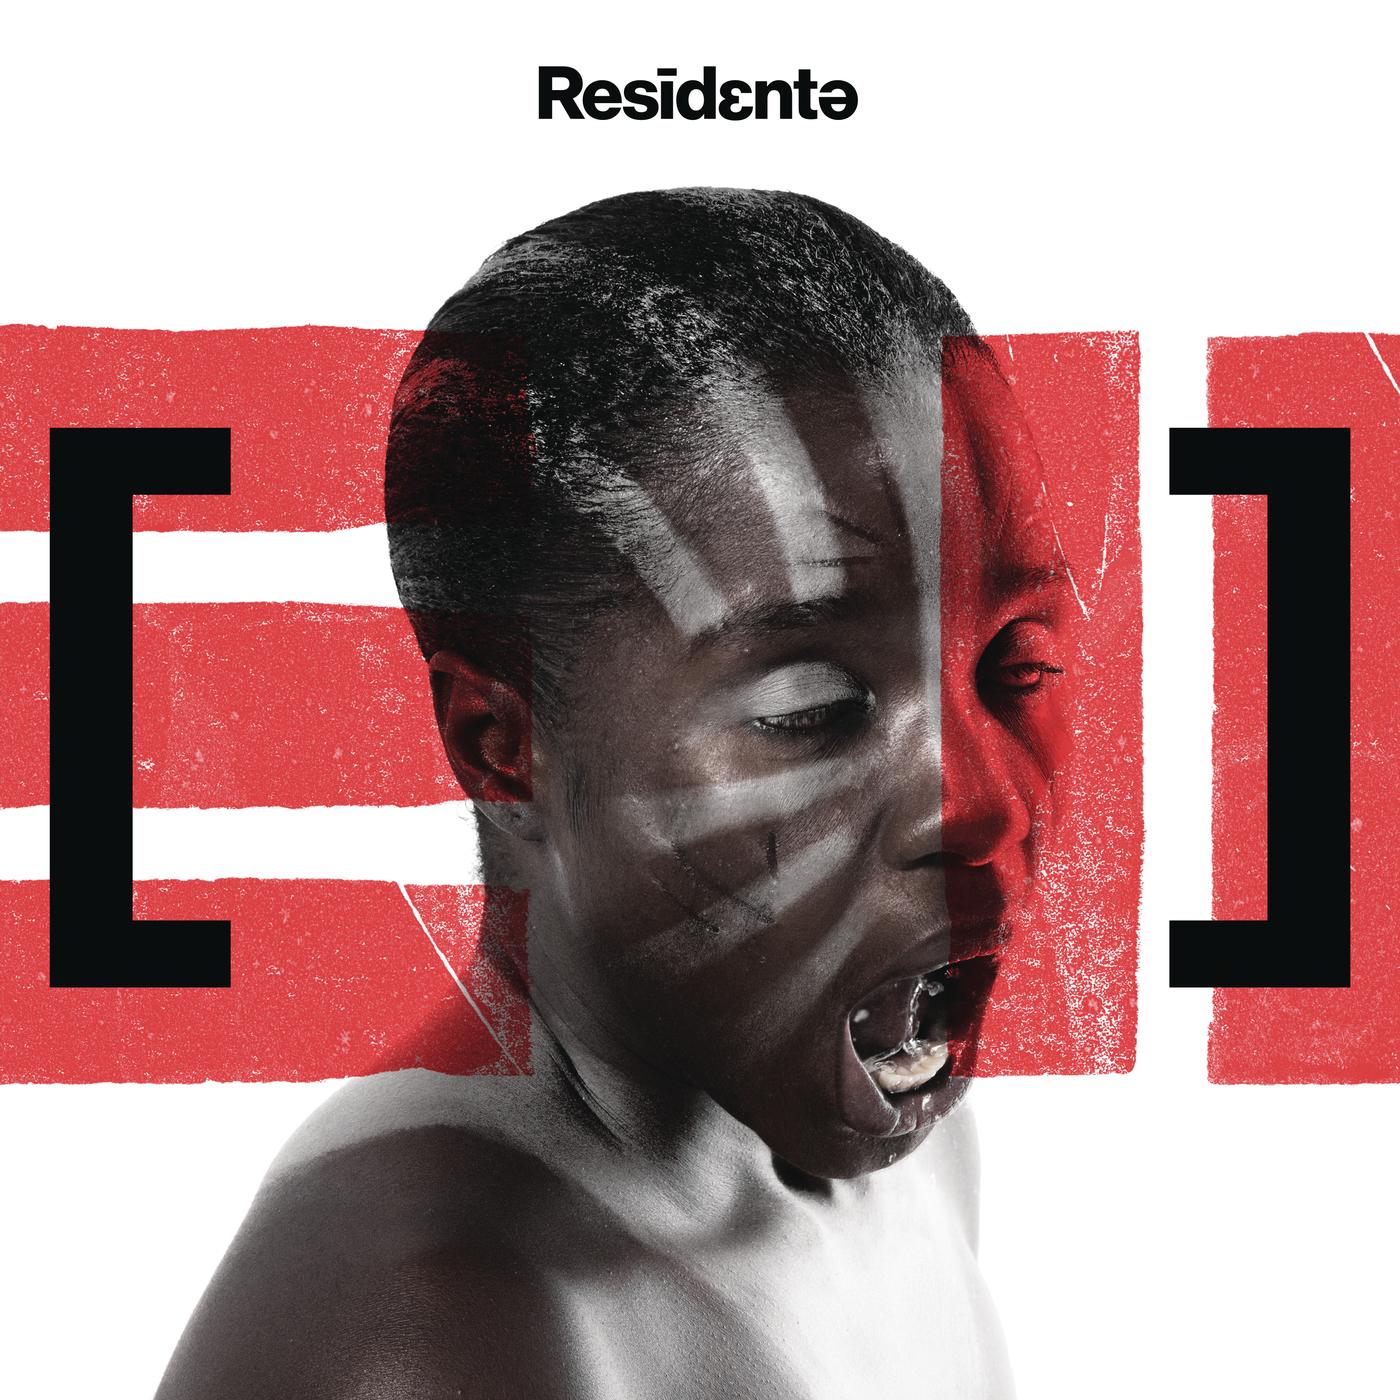 Residente - Residente